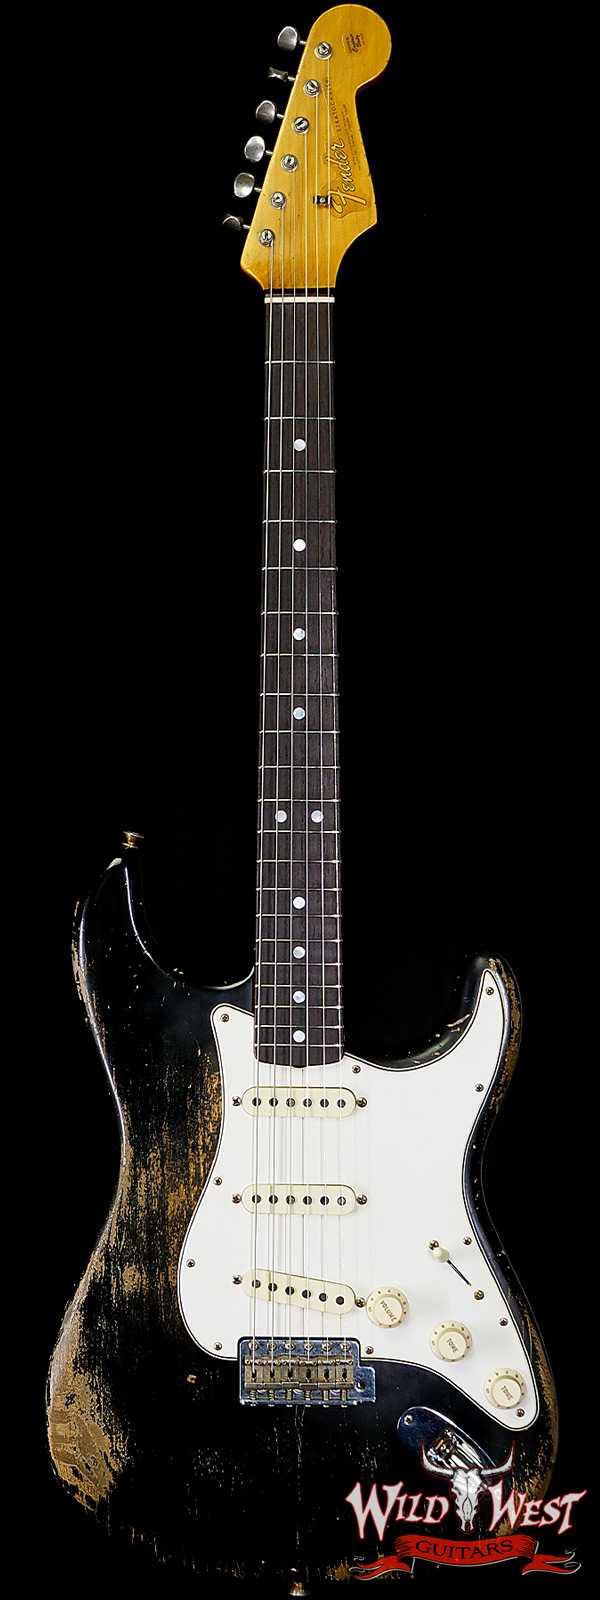 Fender Custom Shop Greg Fessler Maserbuilt 1964 Stratocaster Relic Rosewood Fingerboard Black